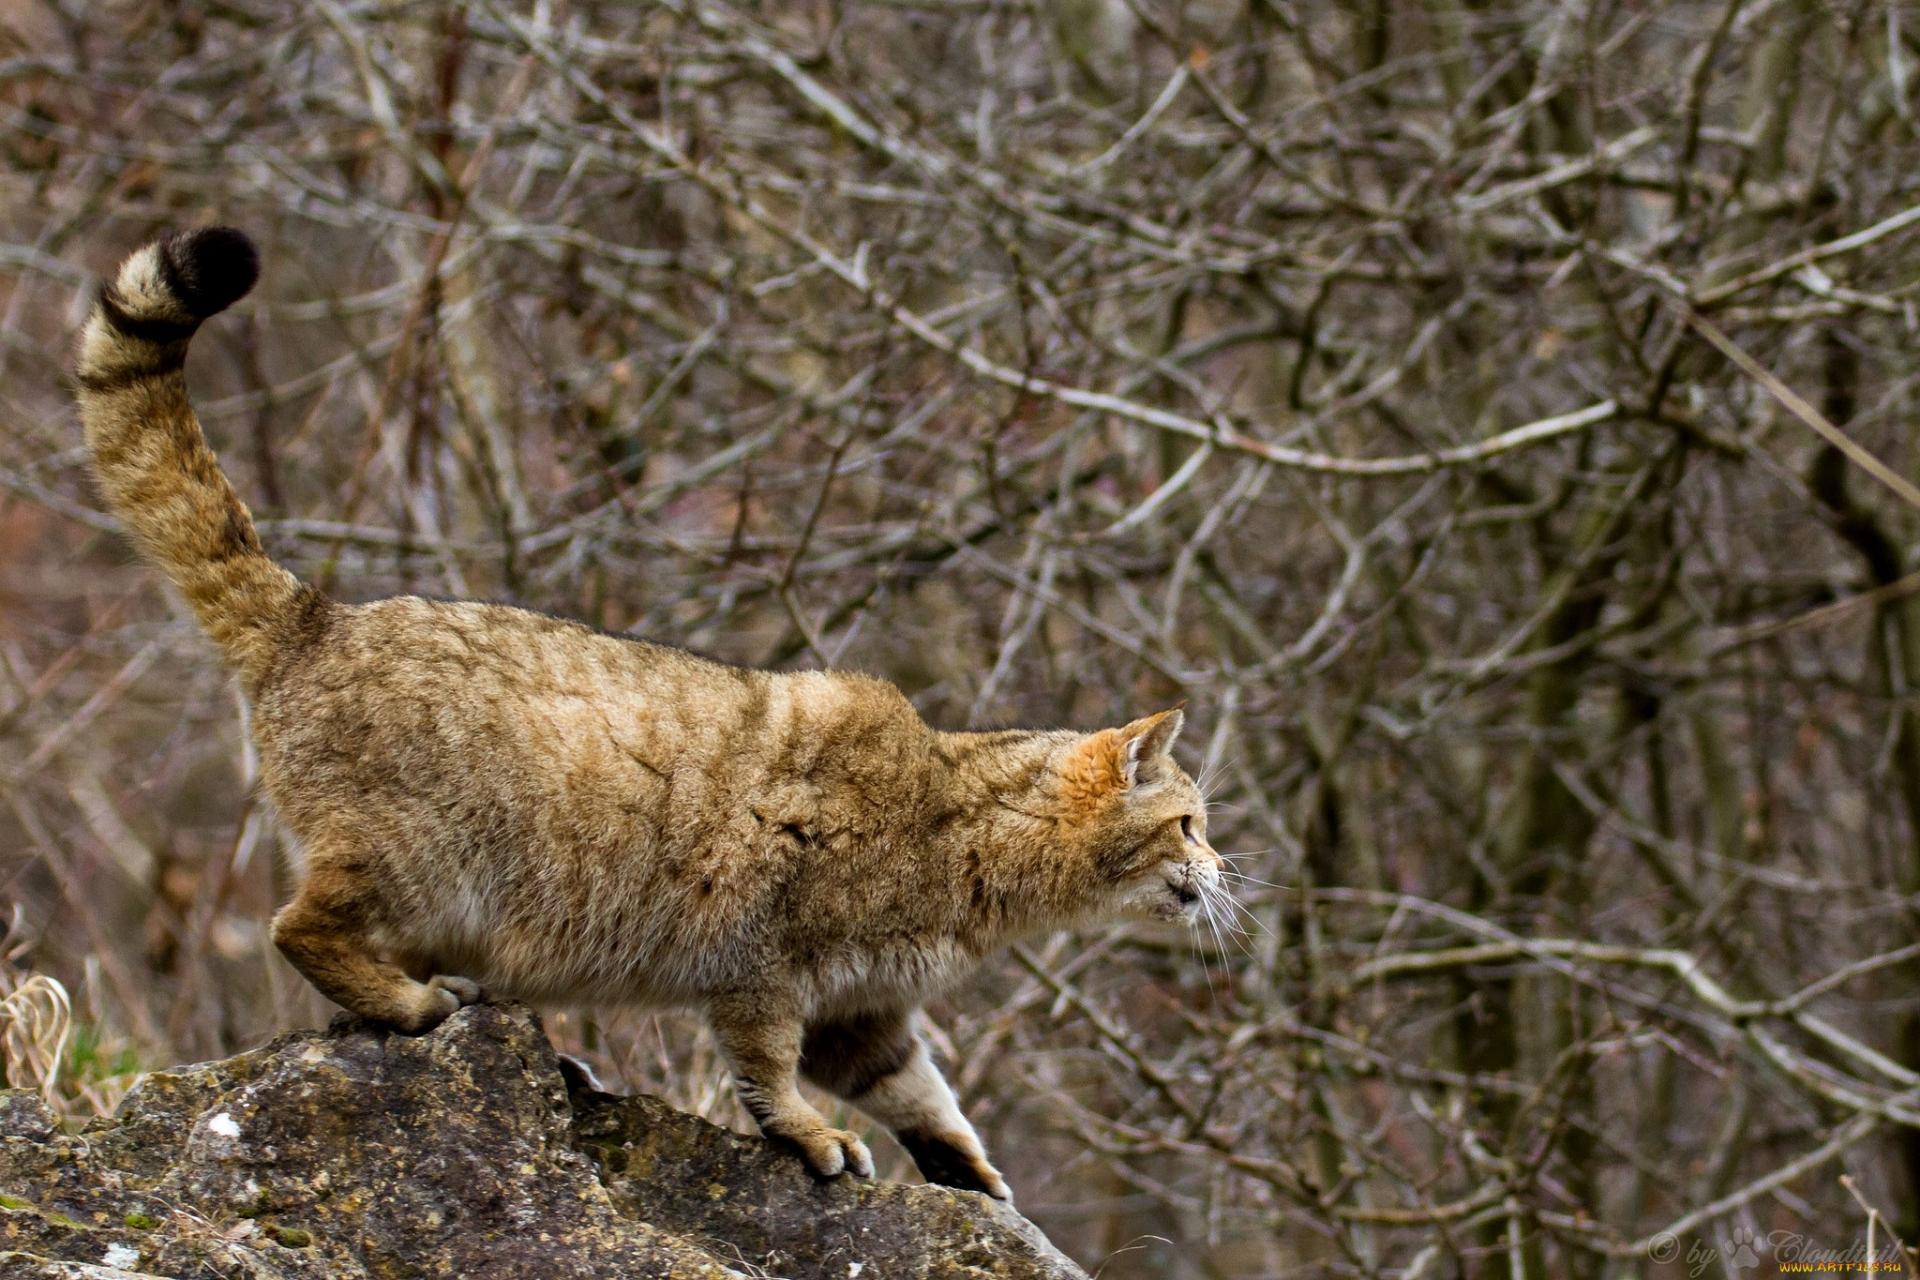 коты на охоте фото плеч челкой можно